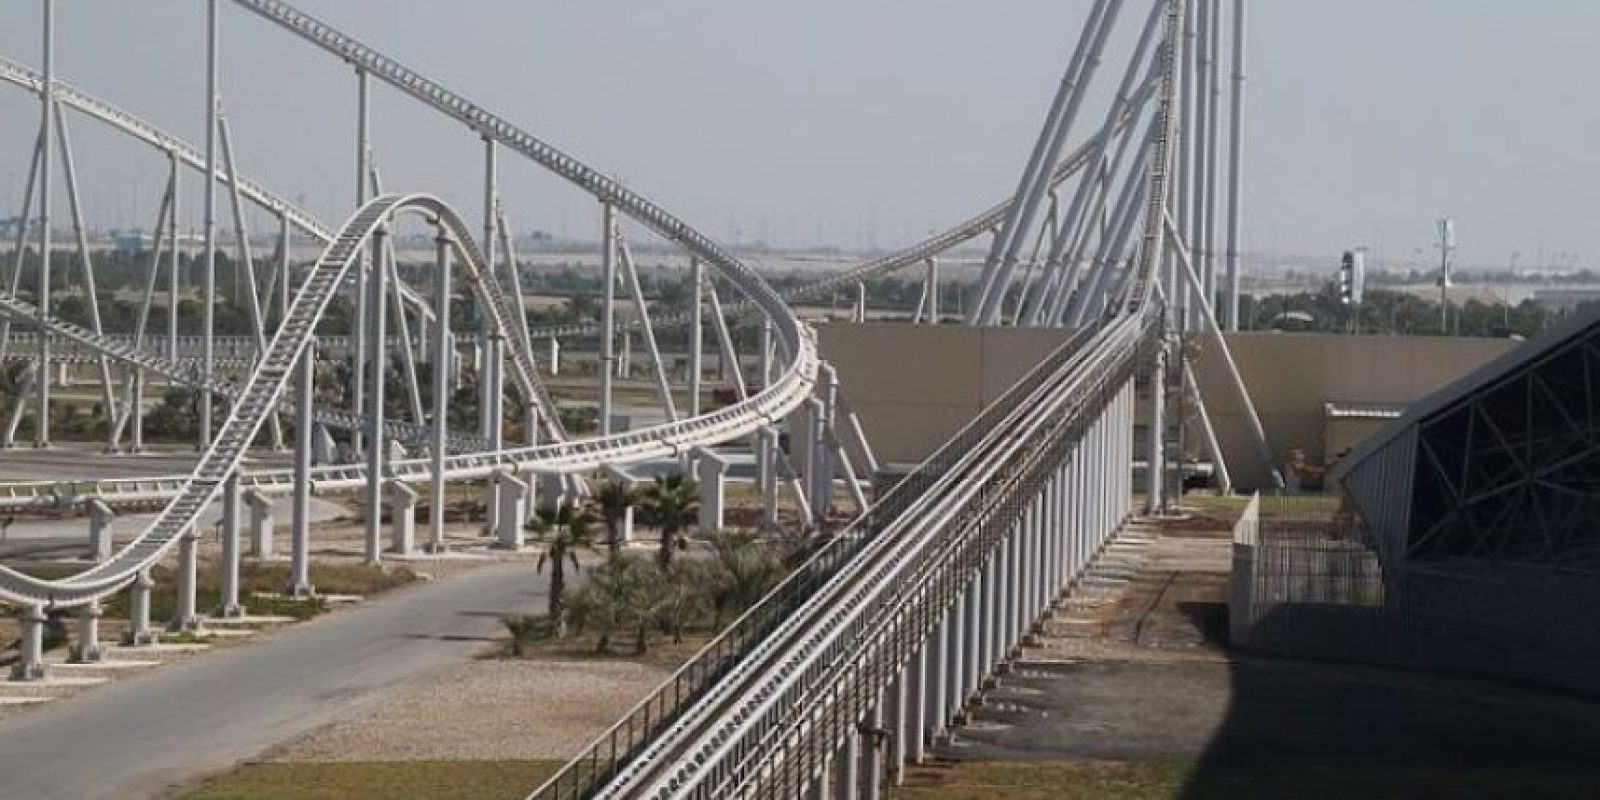 Formula Rossa, Emiratos Árabes Unidos Foto:Wikimedia